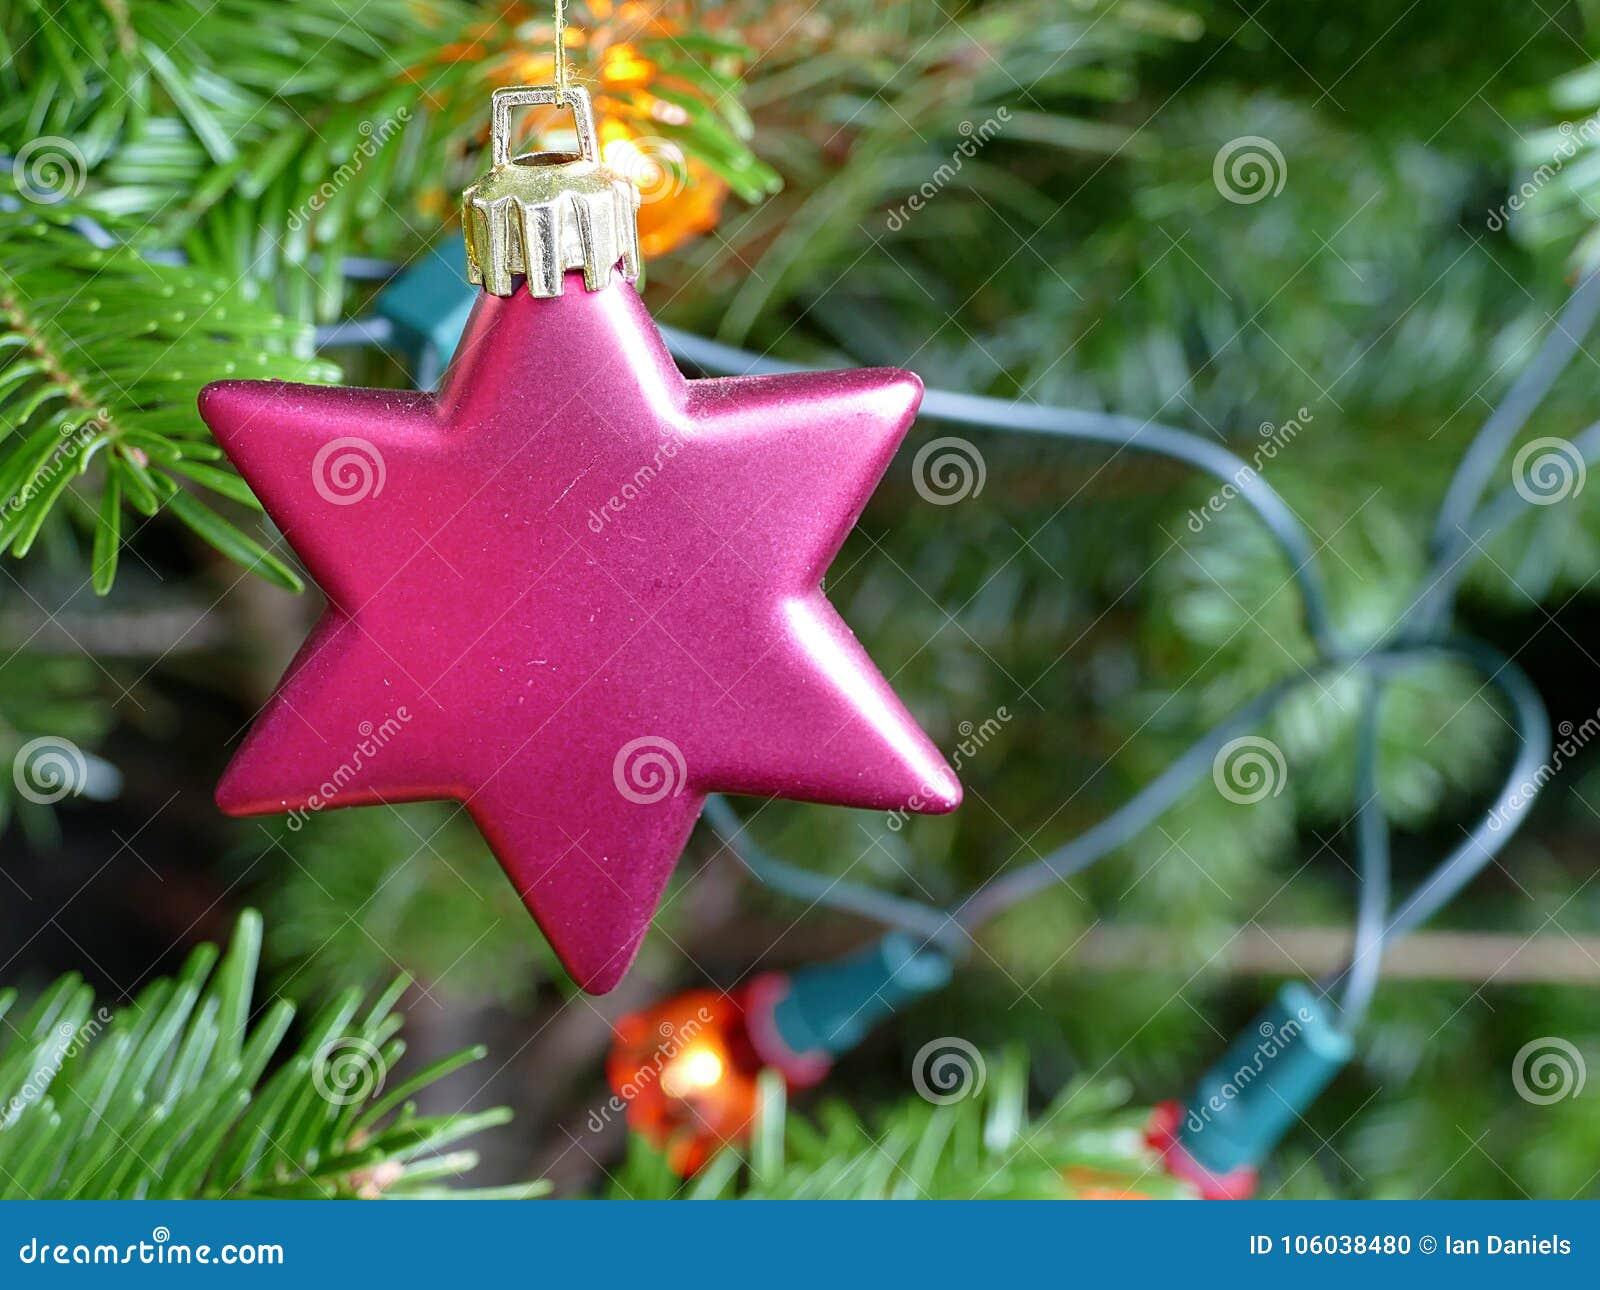 Schließen Sie oben von einer roten Sterndekoration auf einem Weihnachtsbaum